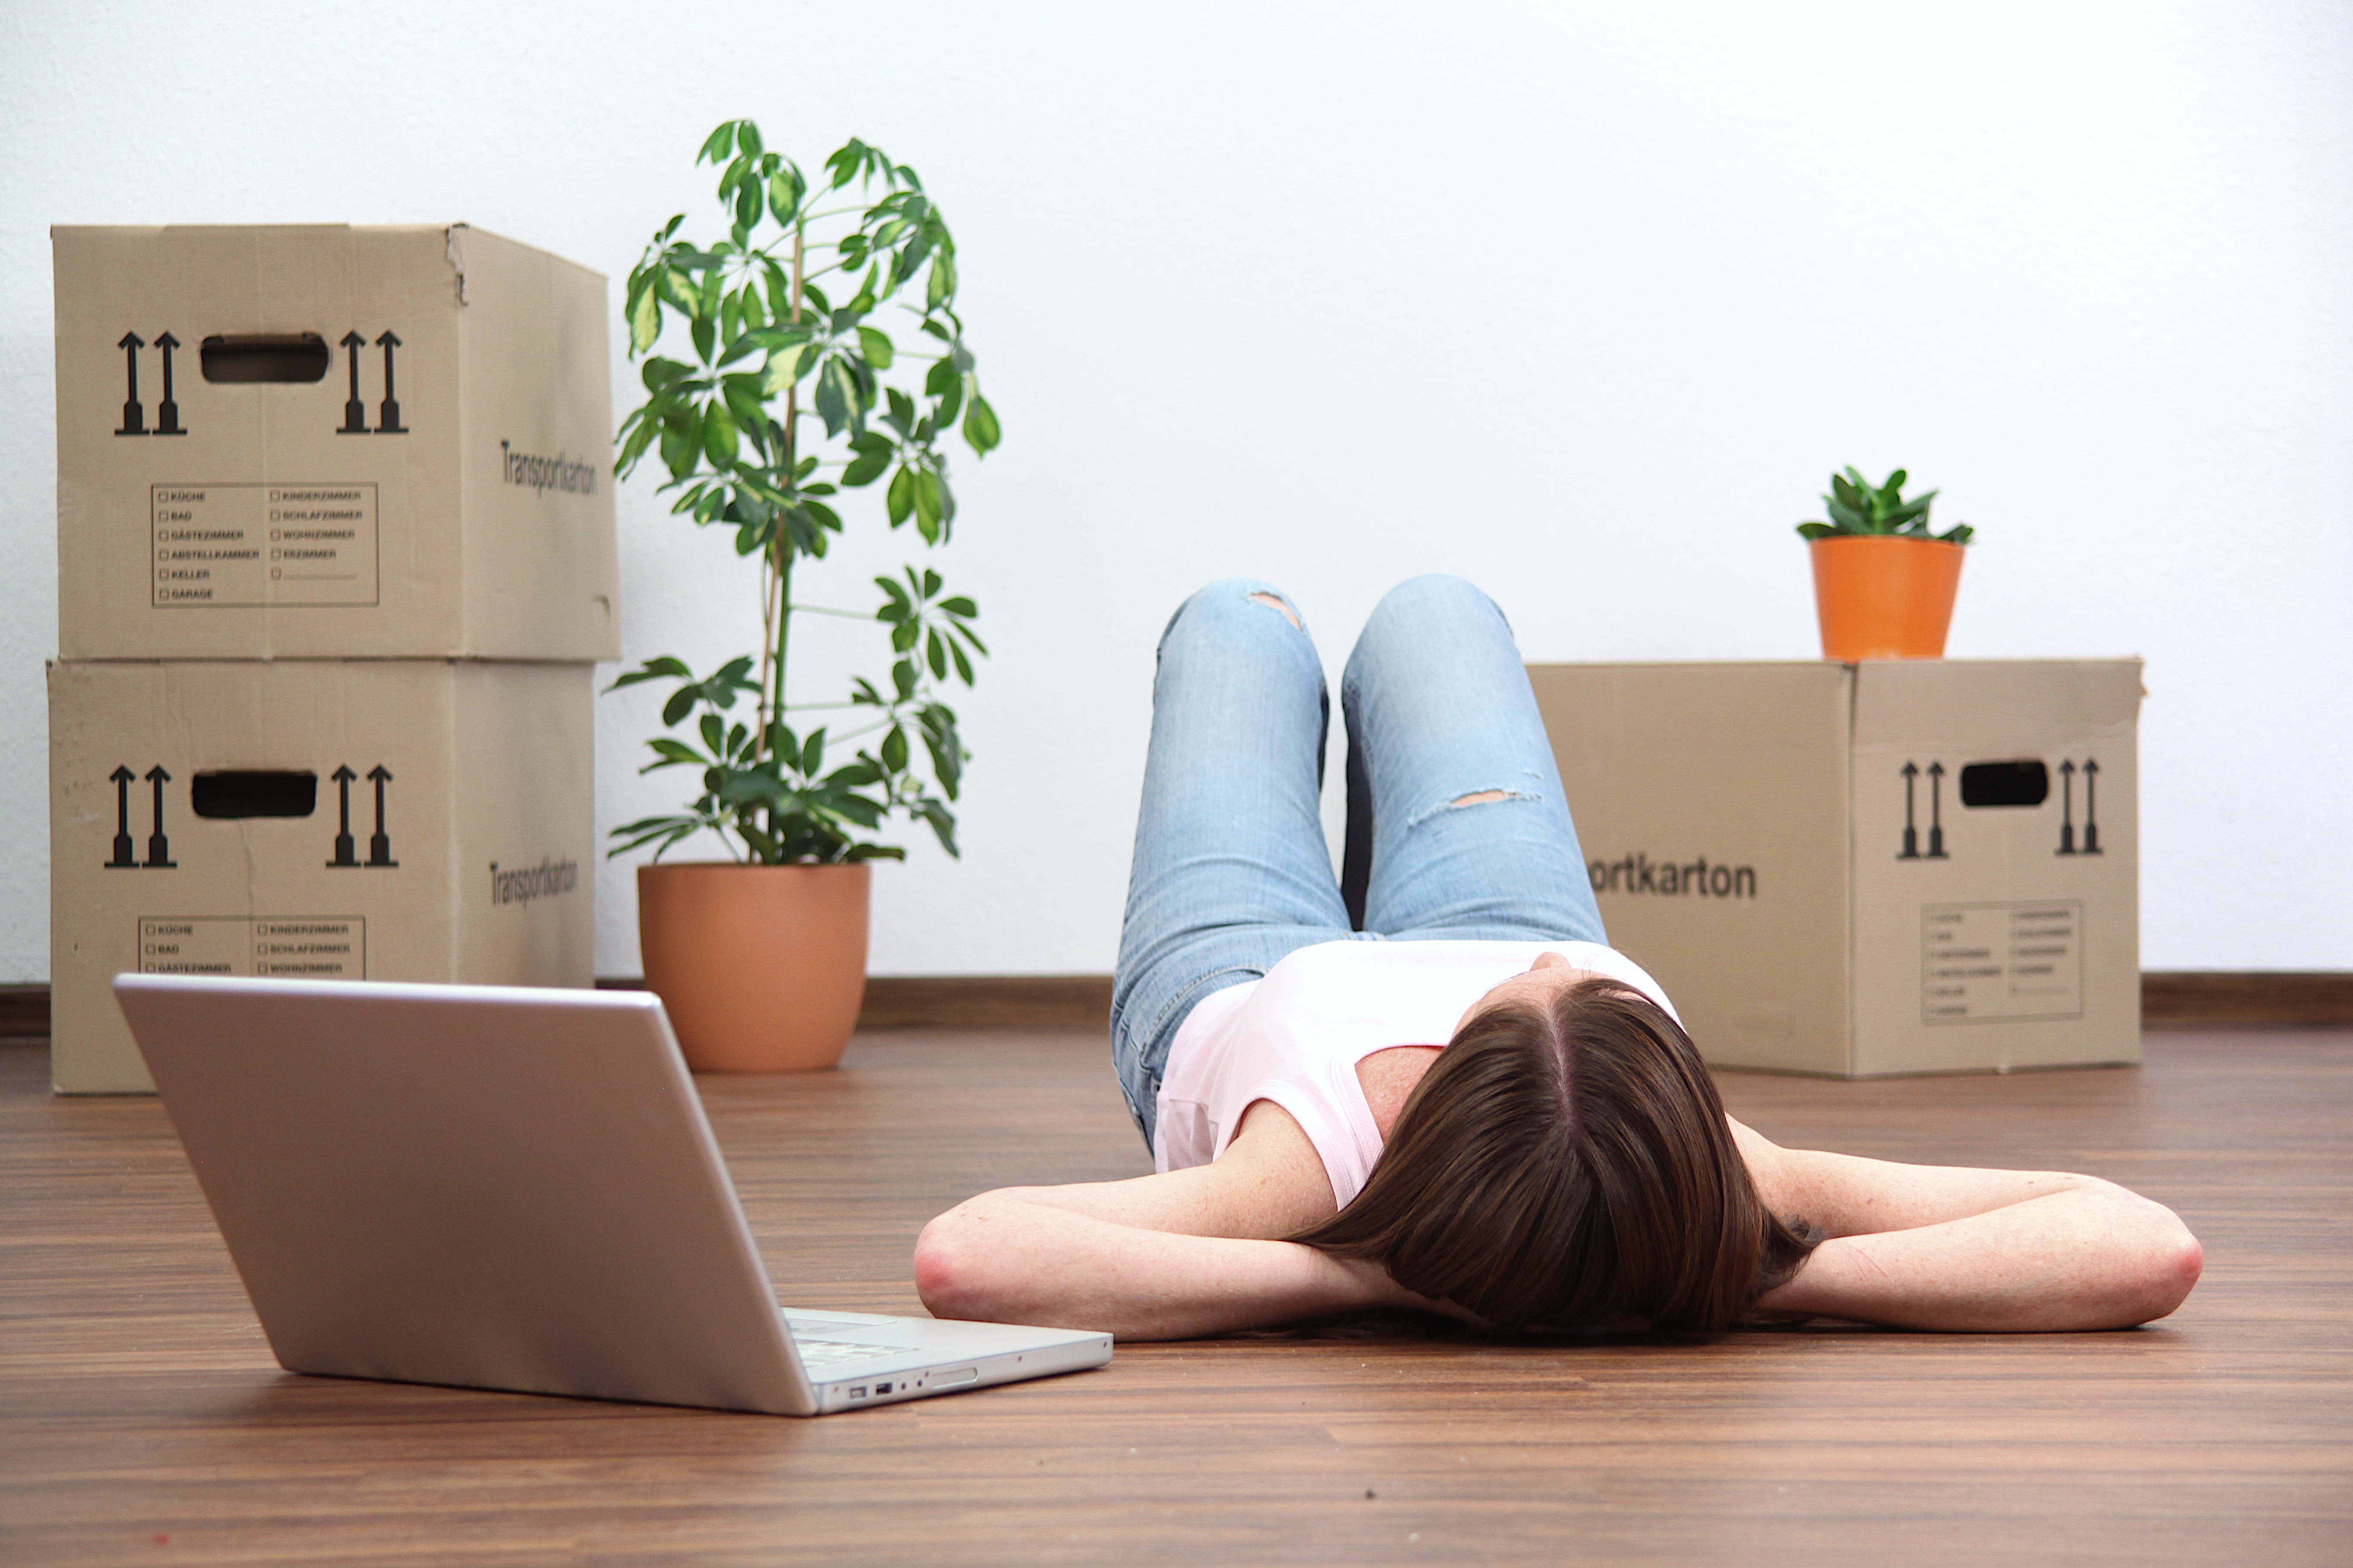 Hvad skal man huske at gøre inden man flytter ud?